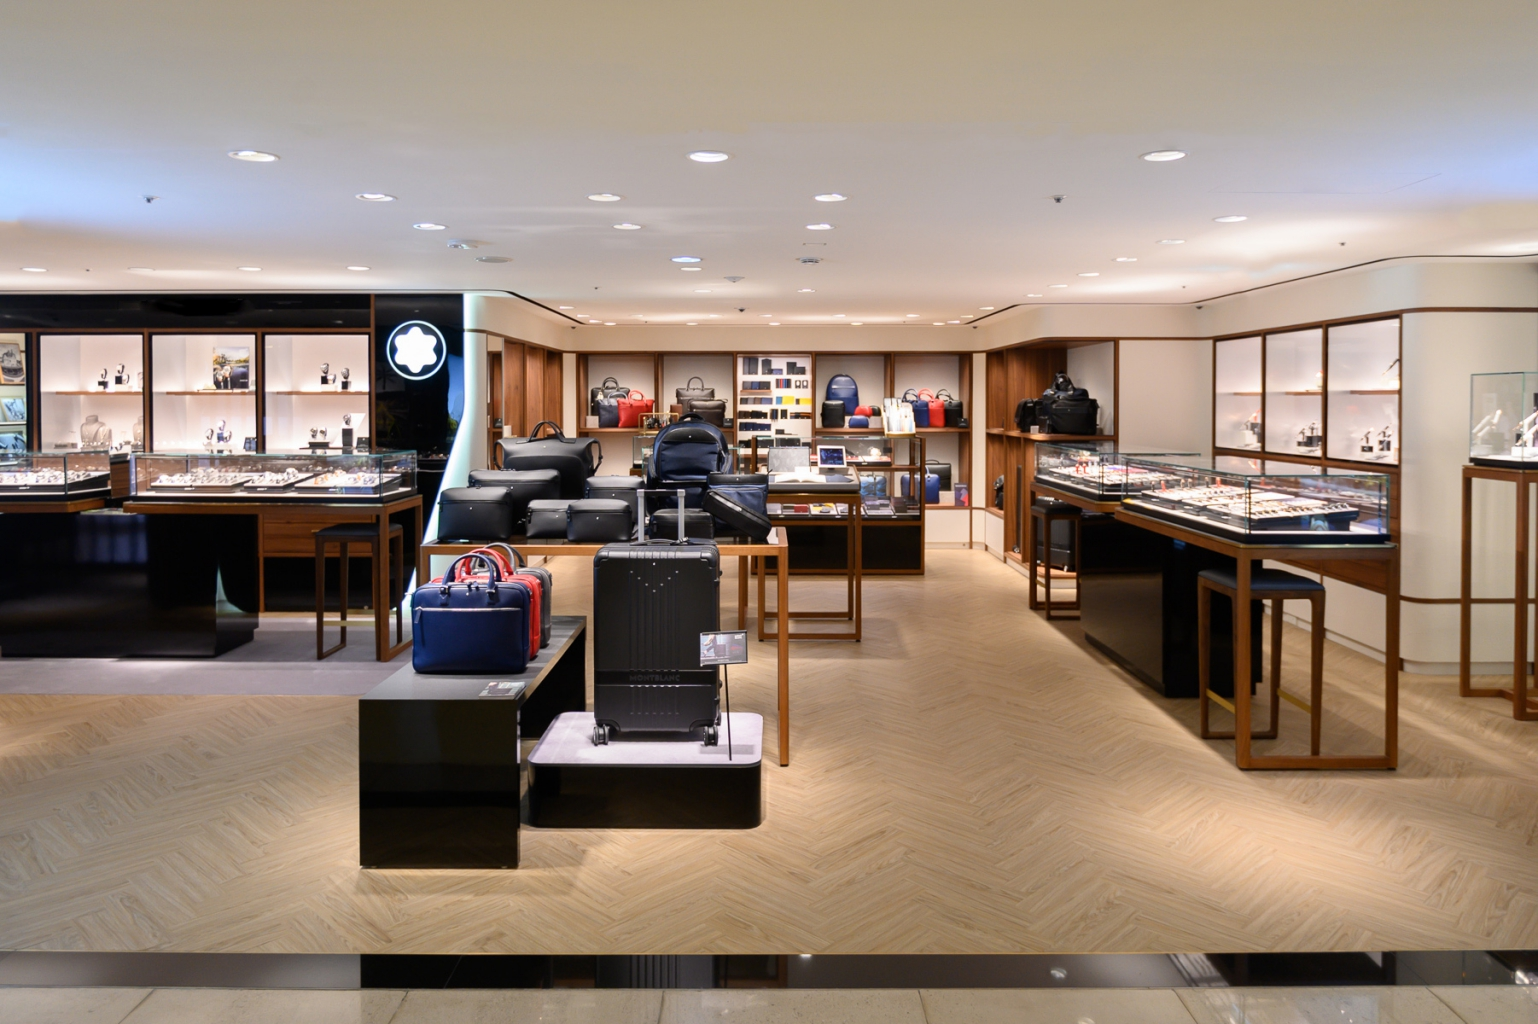 萬寶龍sogo復興館專賣店以低調雅致的木質色彩與經典元素全新改造,帶來更寬敞且明亮的展示空間,提供顧客完整操作體驗,充分享受尊榮感與專業的服務 2